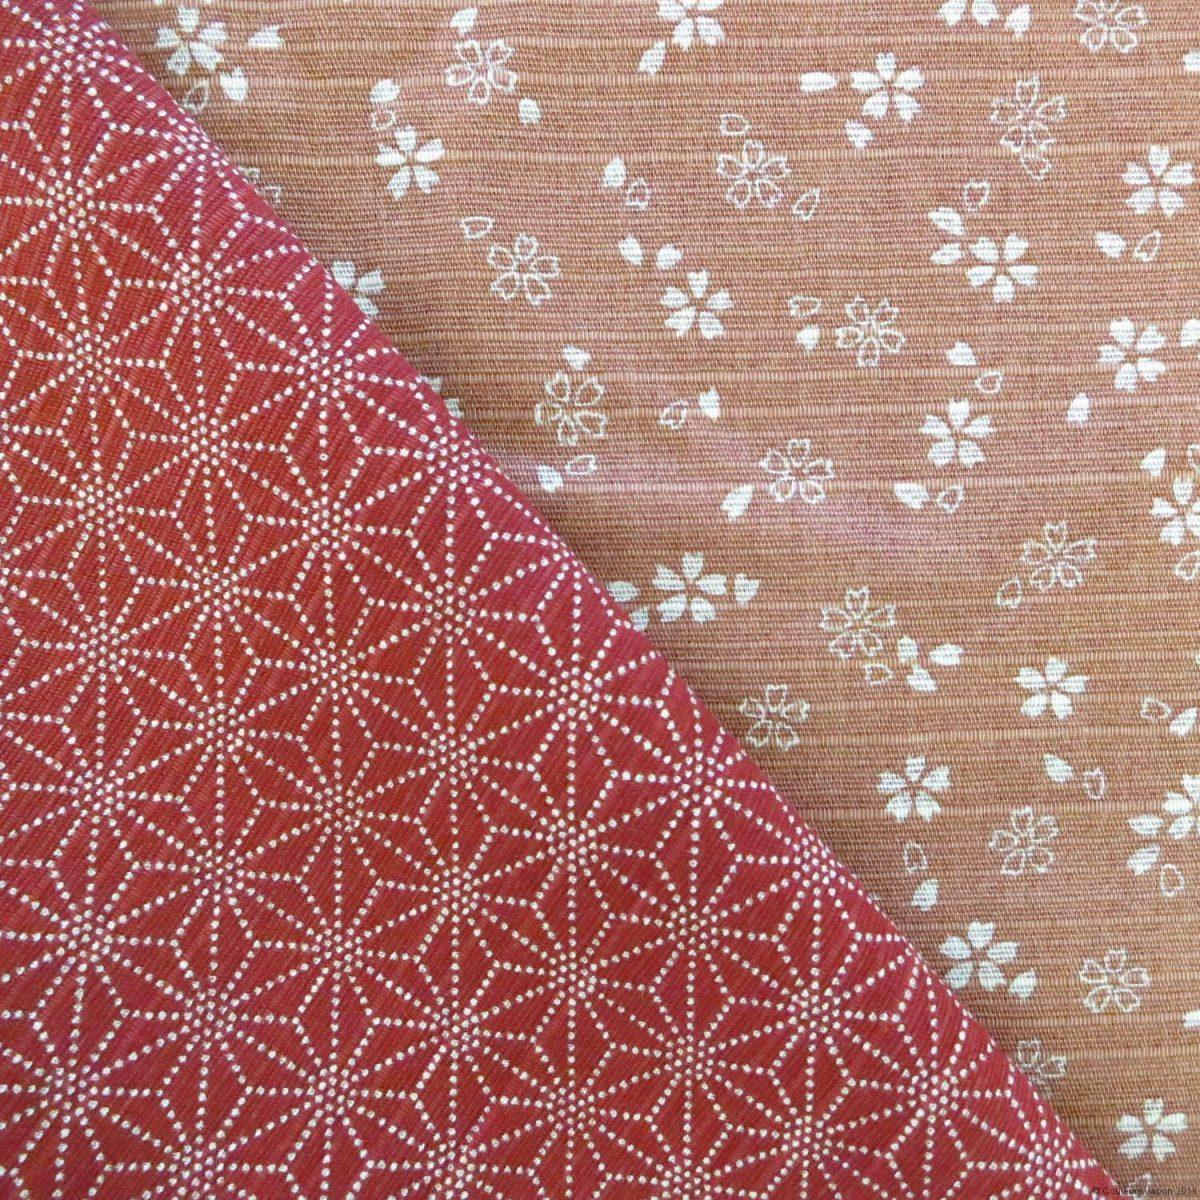 Tissu en coton tramé réversible pour furoshiki